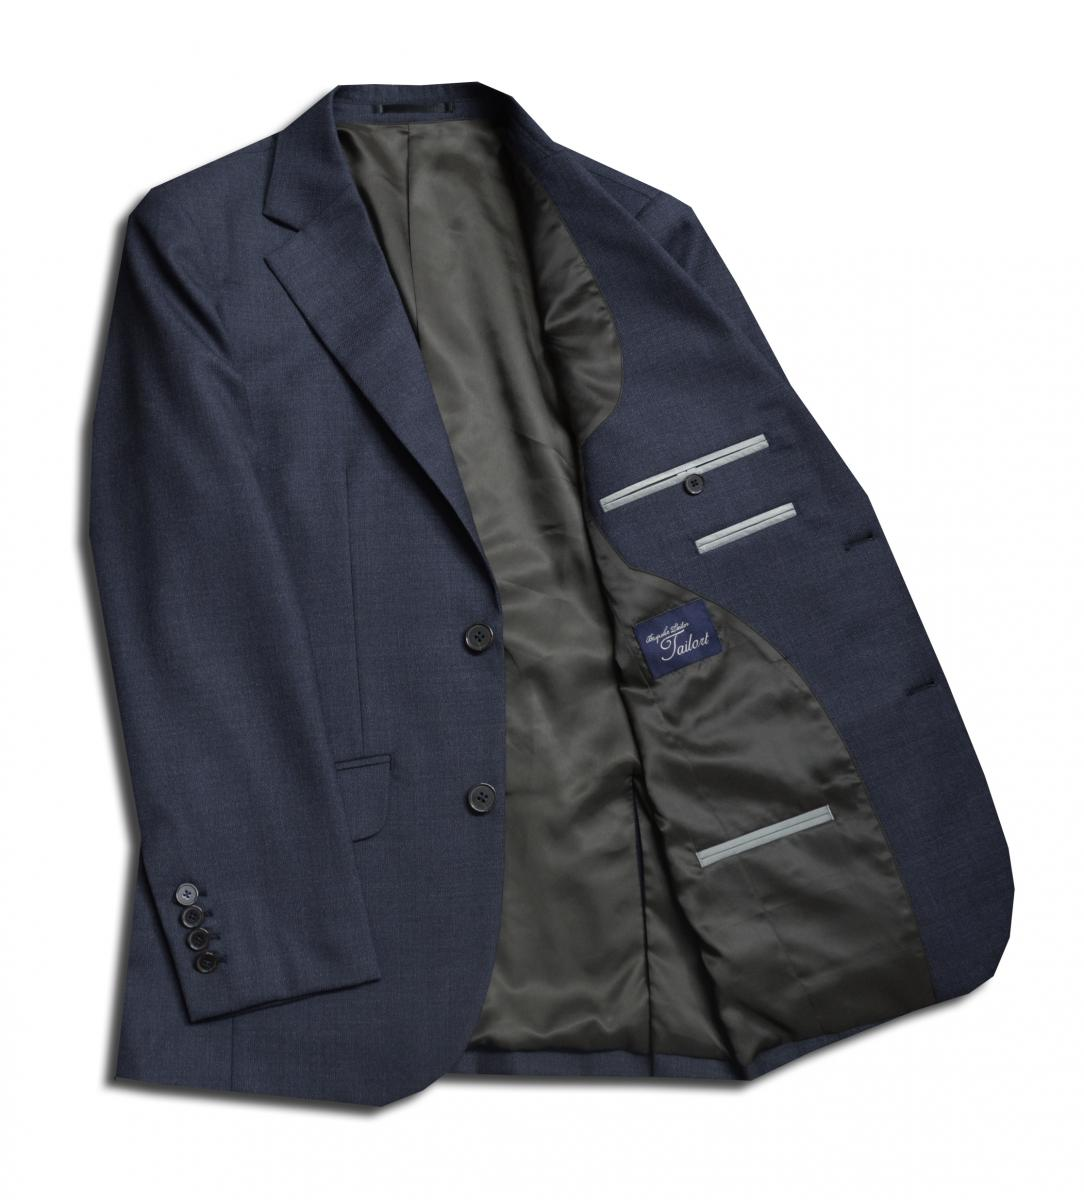 [オーダーレディーススーツ スカートセット]ソフトなハリが心地よいネイビースーツ